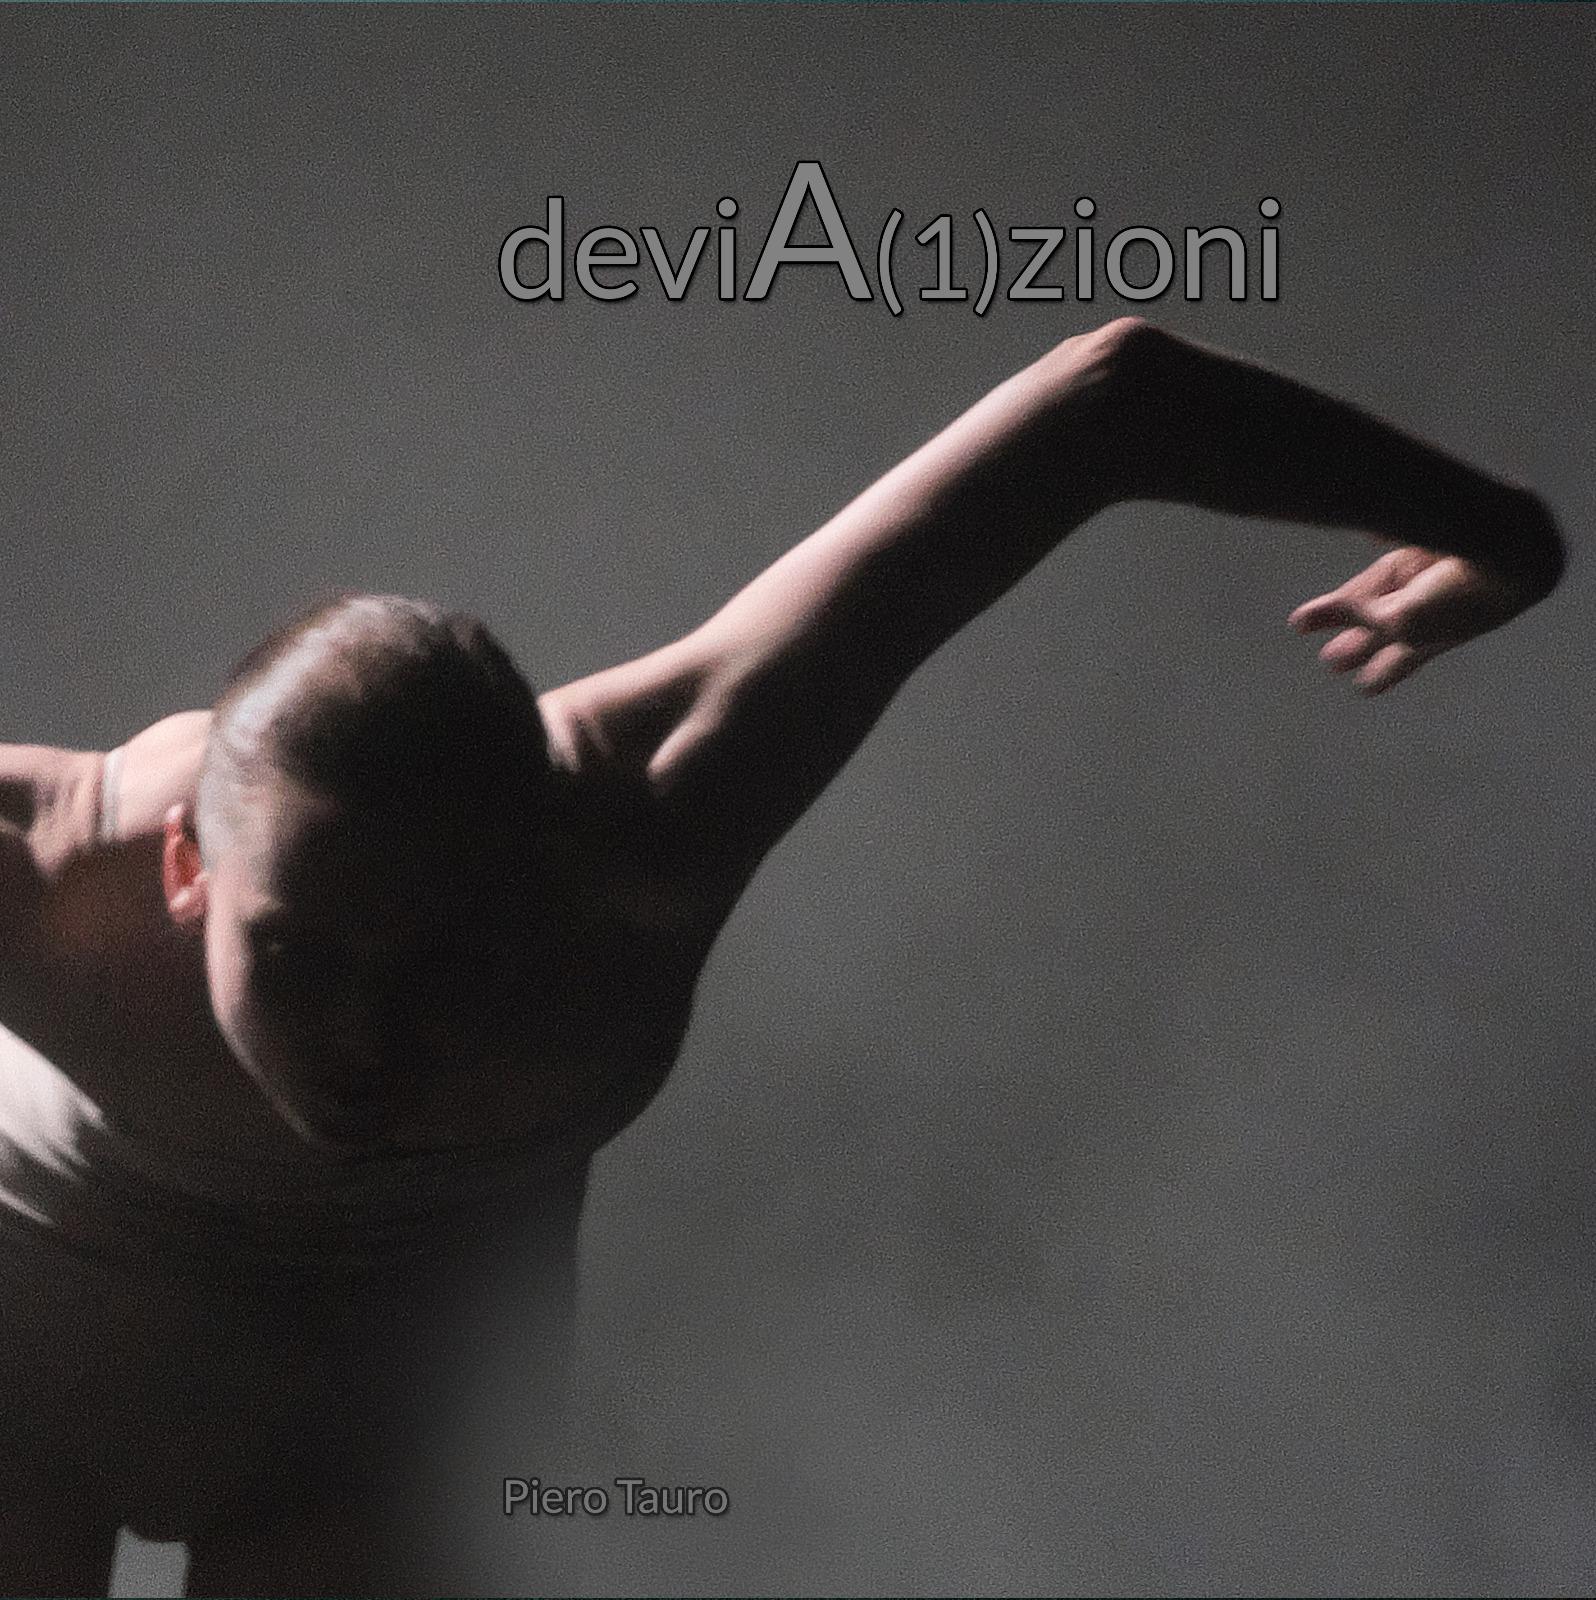 deviA(1)zioni